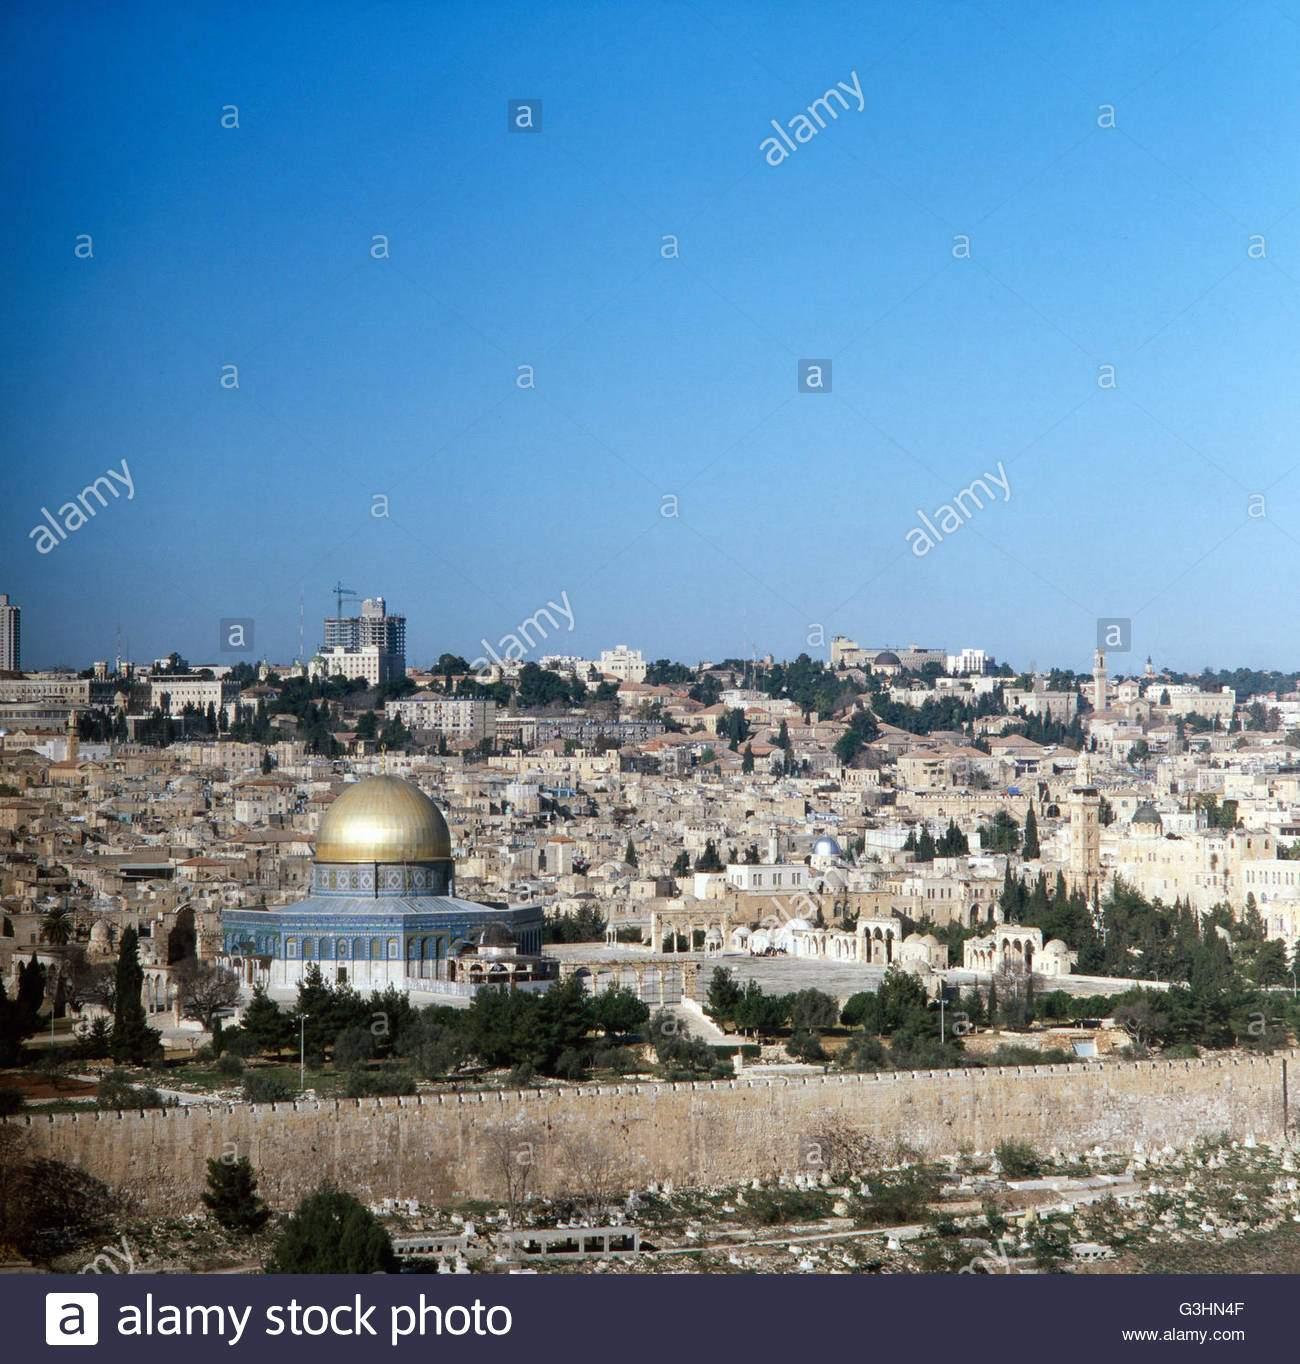 sterben sie aussicht vom olberg im garten semani auf jerusalem israel 1980er jahre blick vom olberg im garten hsemane auf der stadt von jerusalem israel der 1980er jahre g3hn4f